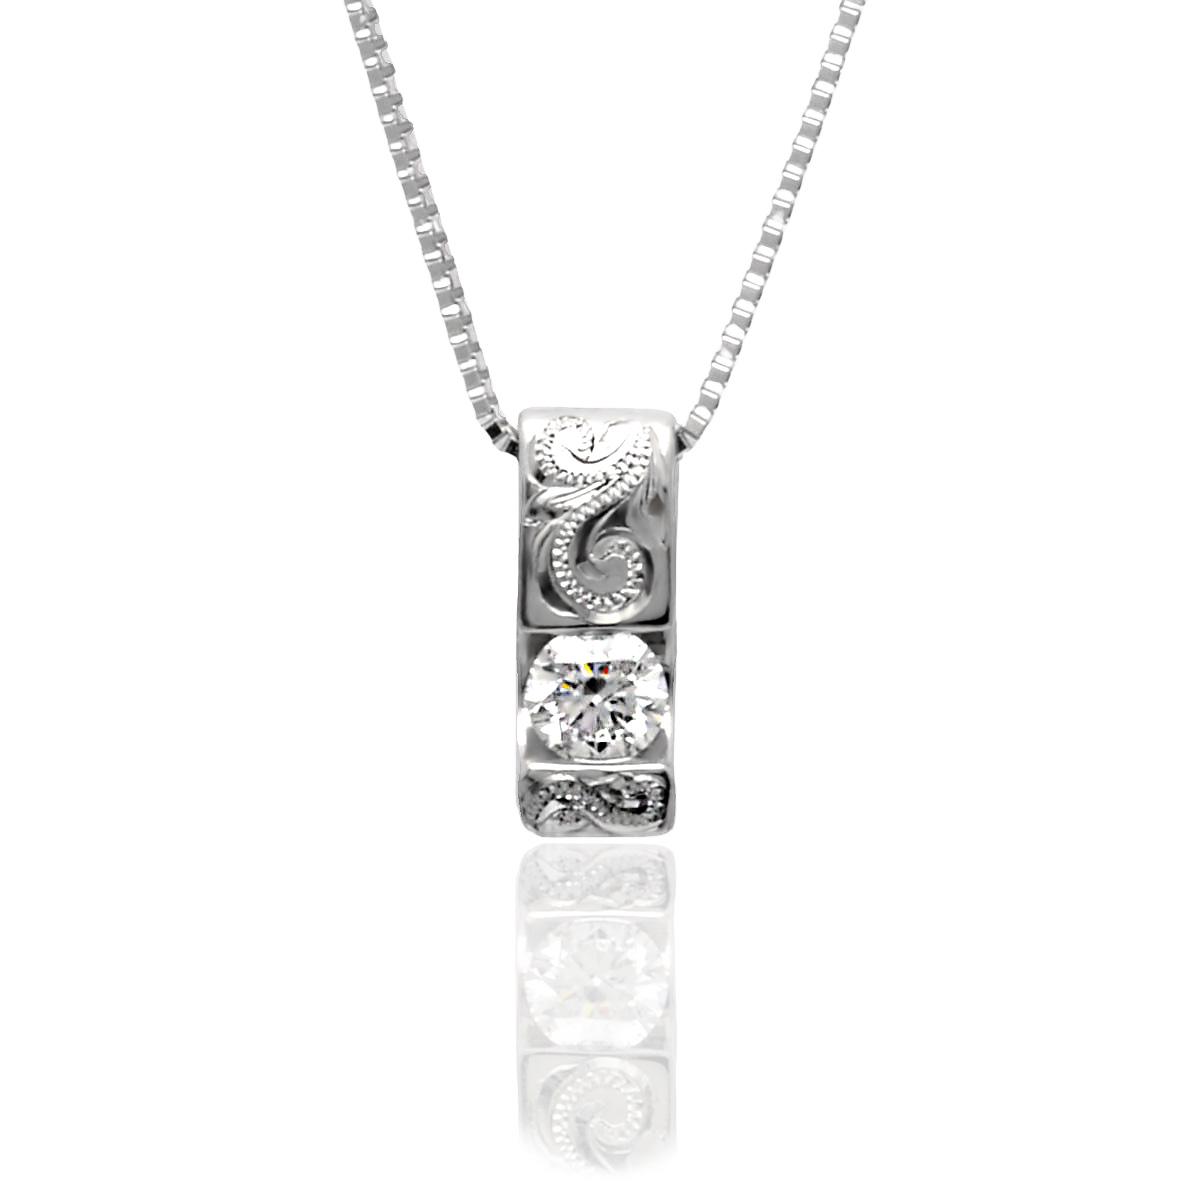 ハワイアンジュエリー ネックレス プラチナ ダイヤモンド (Weliana) Pt950 スクロール ダイアモンド ペンダントネックレス 0.19ct 45cmAJチェーン (Pt850)/新作